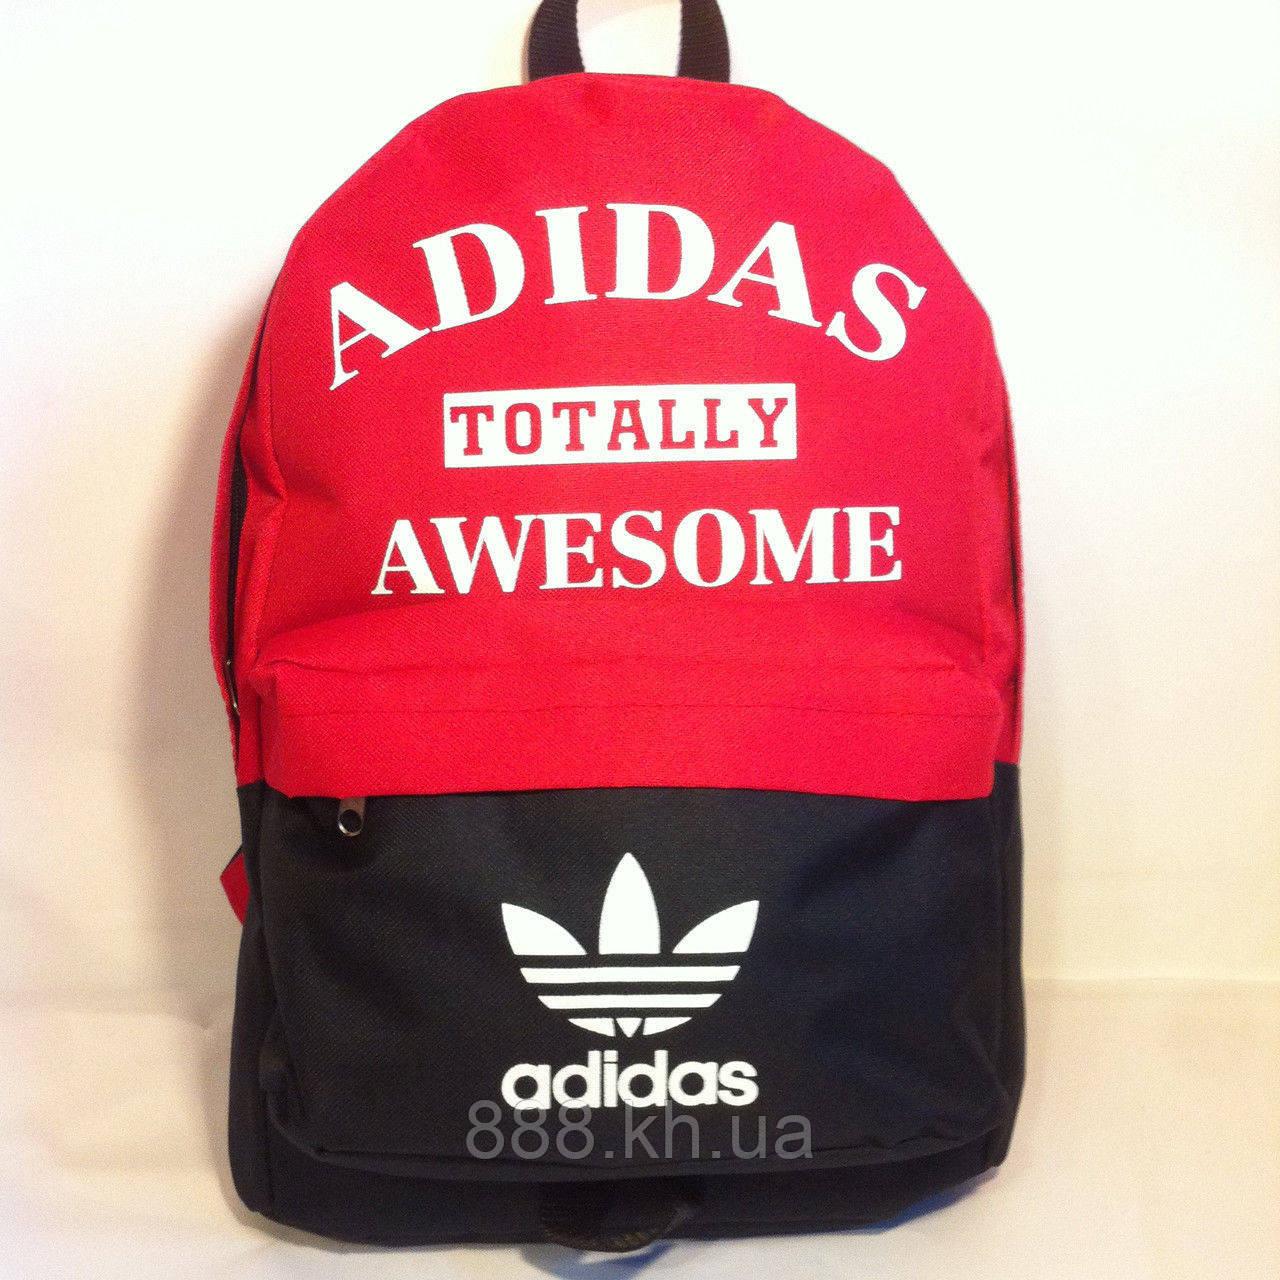 Рюкзак городской Adidas, спортивный рюкзак адидас черный/красный